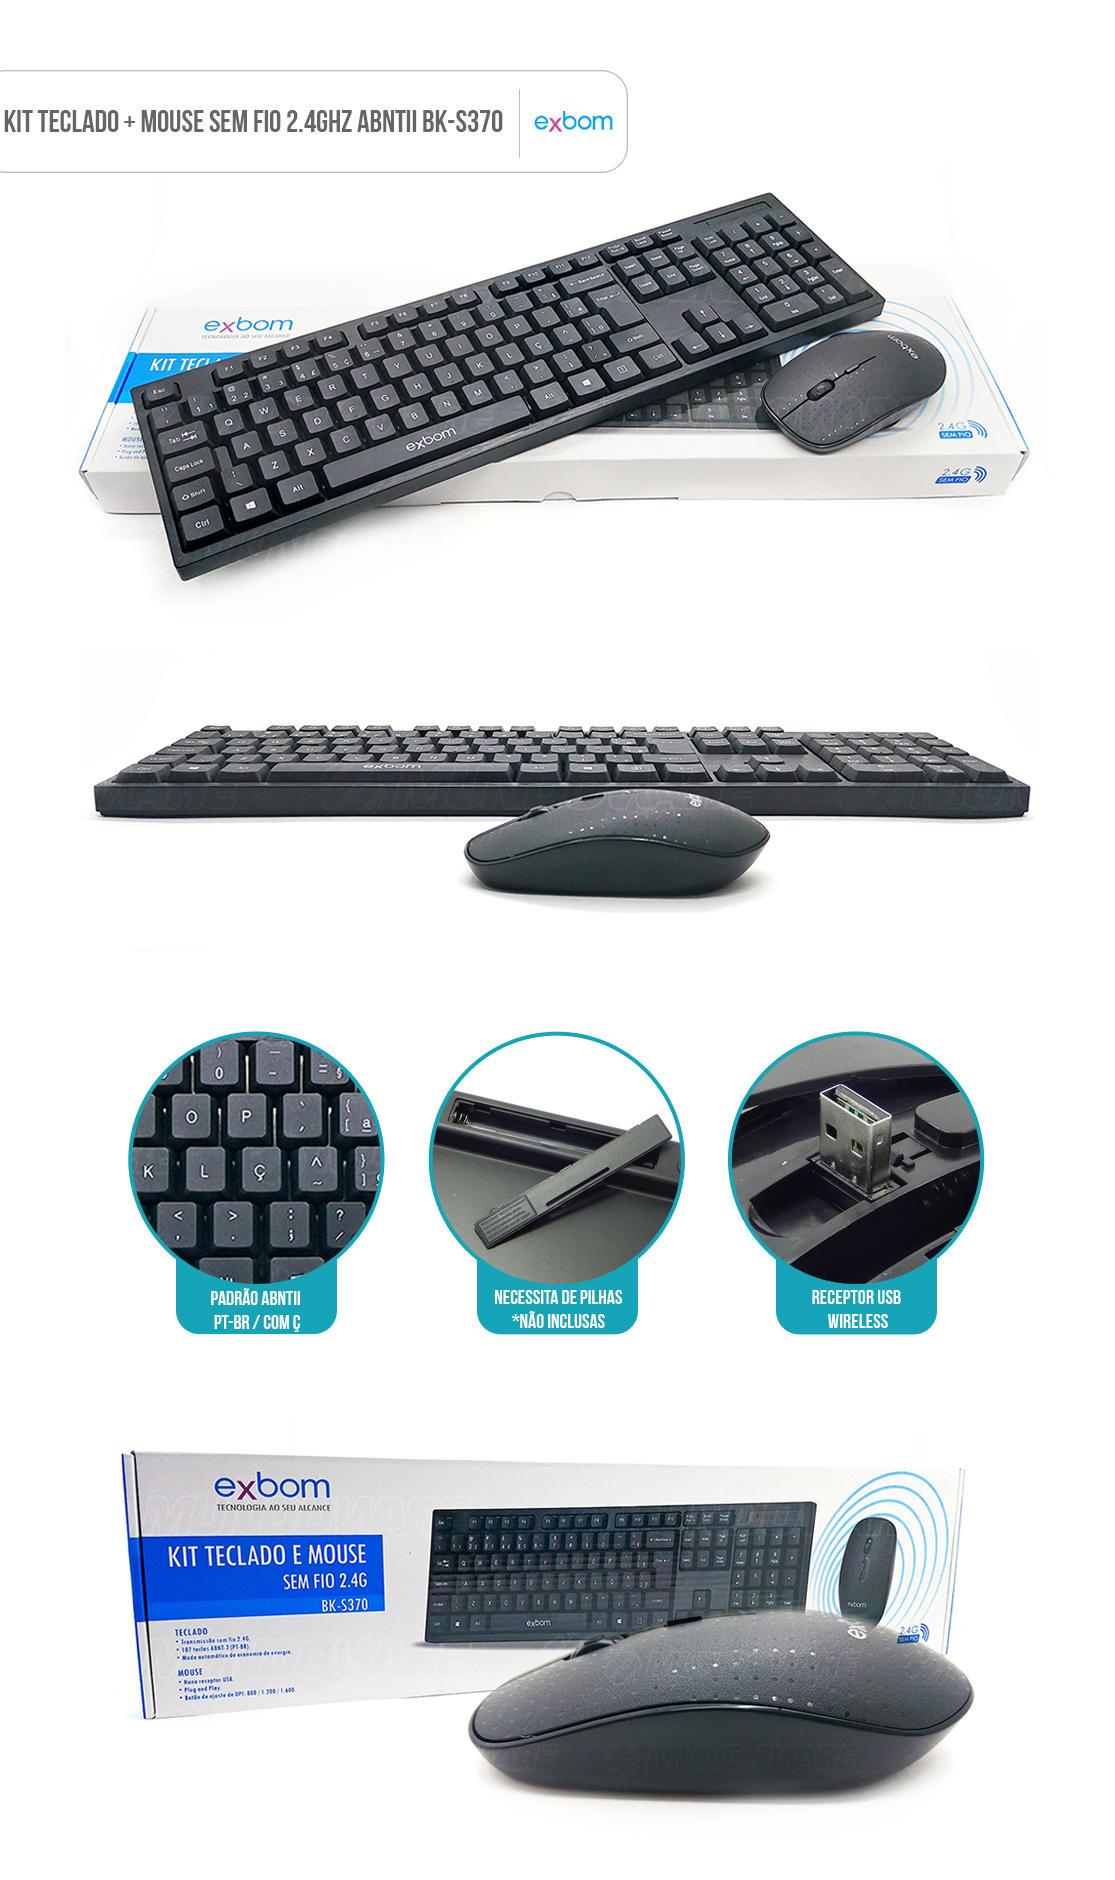 kit teclado + mouse sem fio wireless preto bk-s370